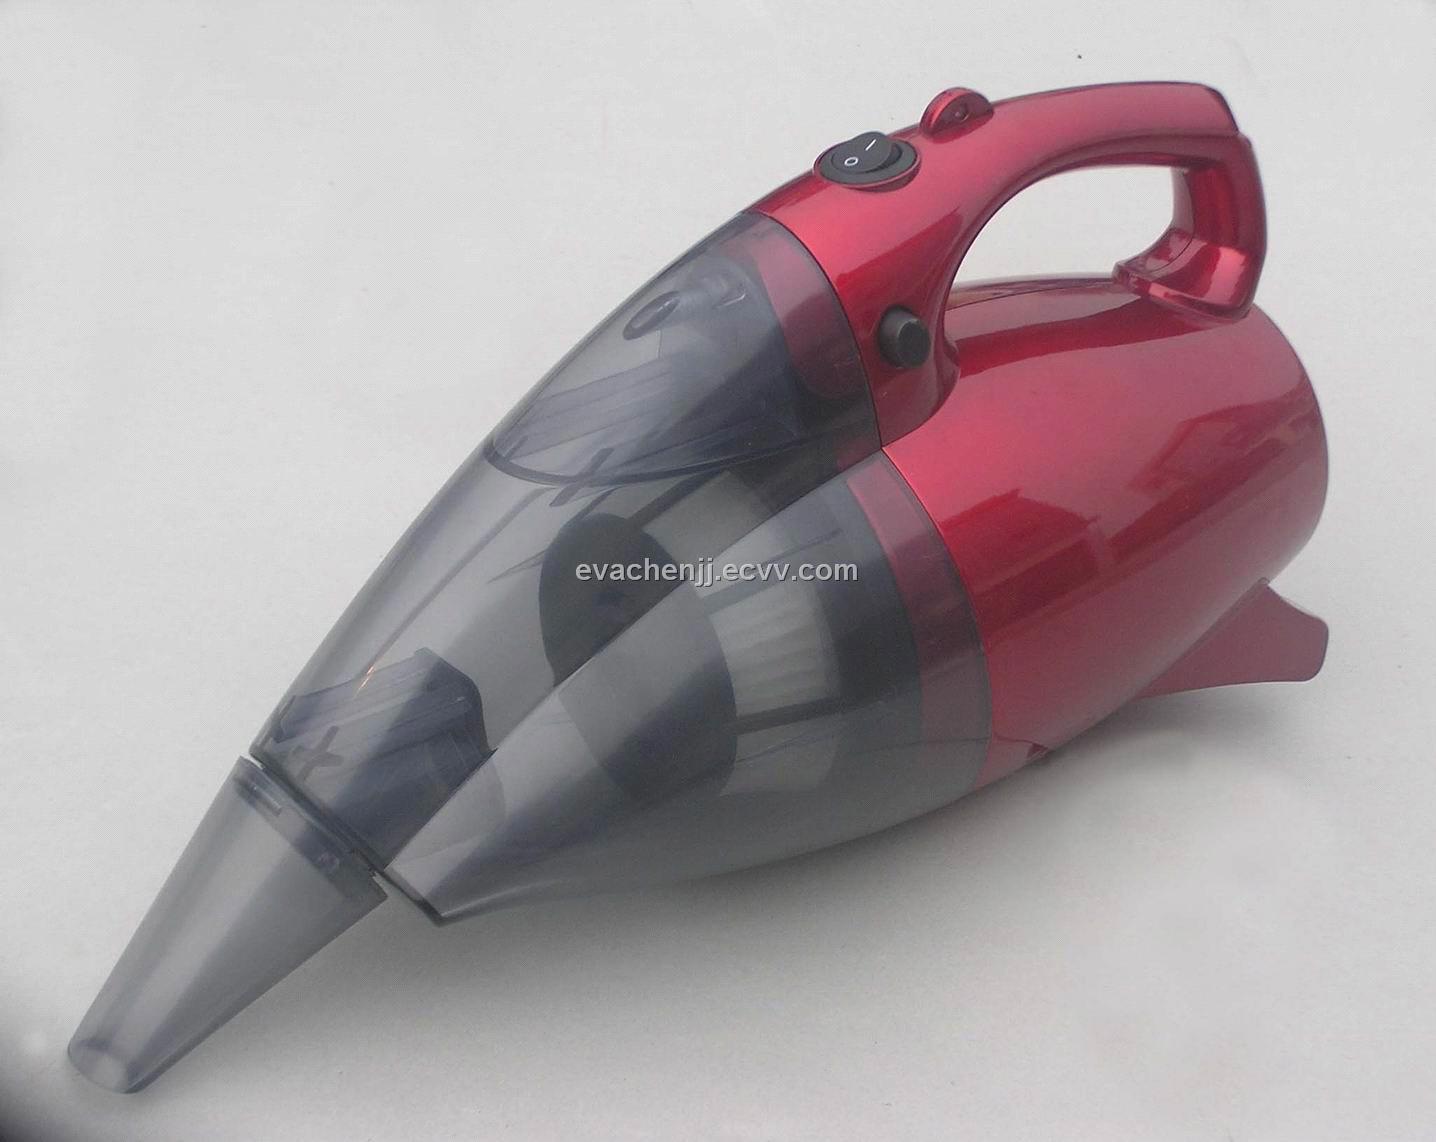 Handy Vacuum Cleaner (KB 8001)